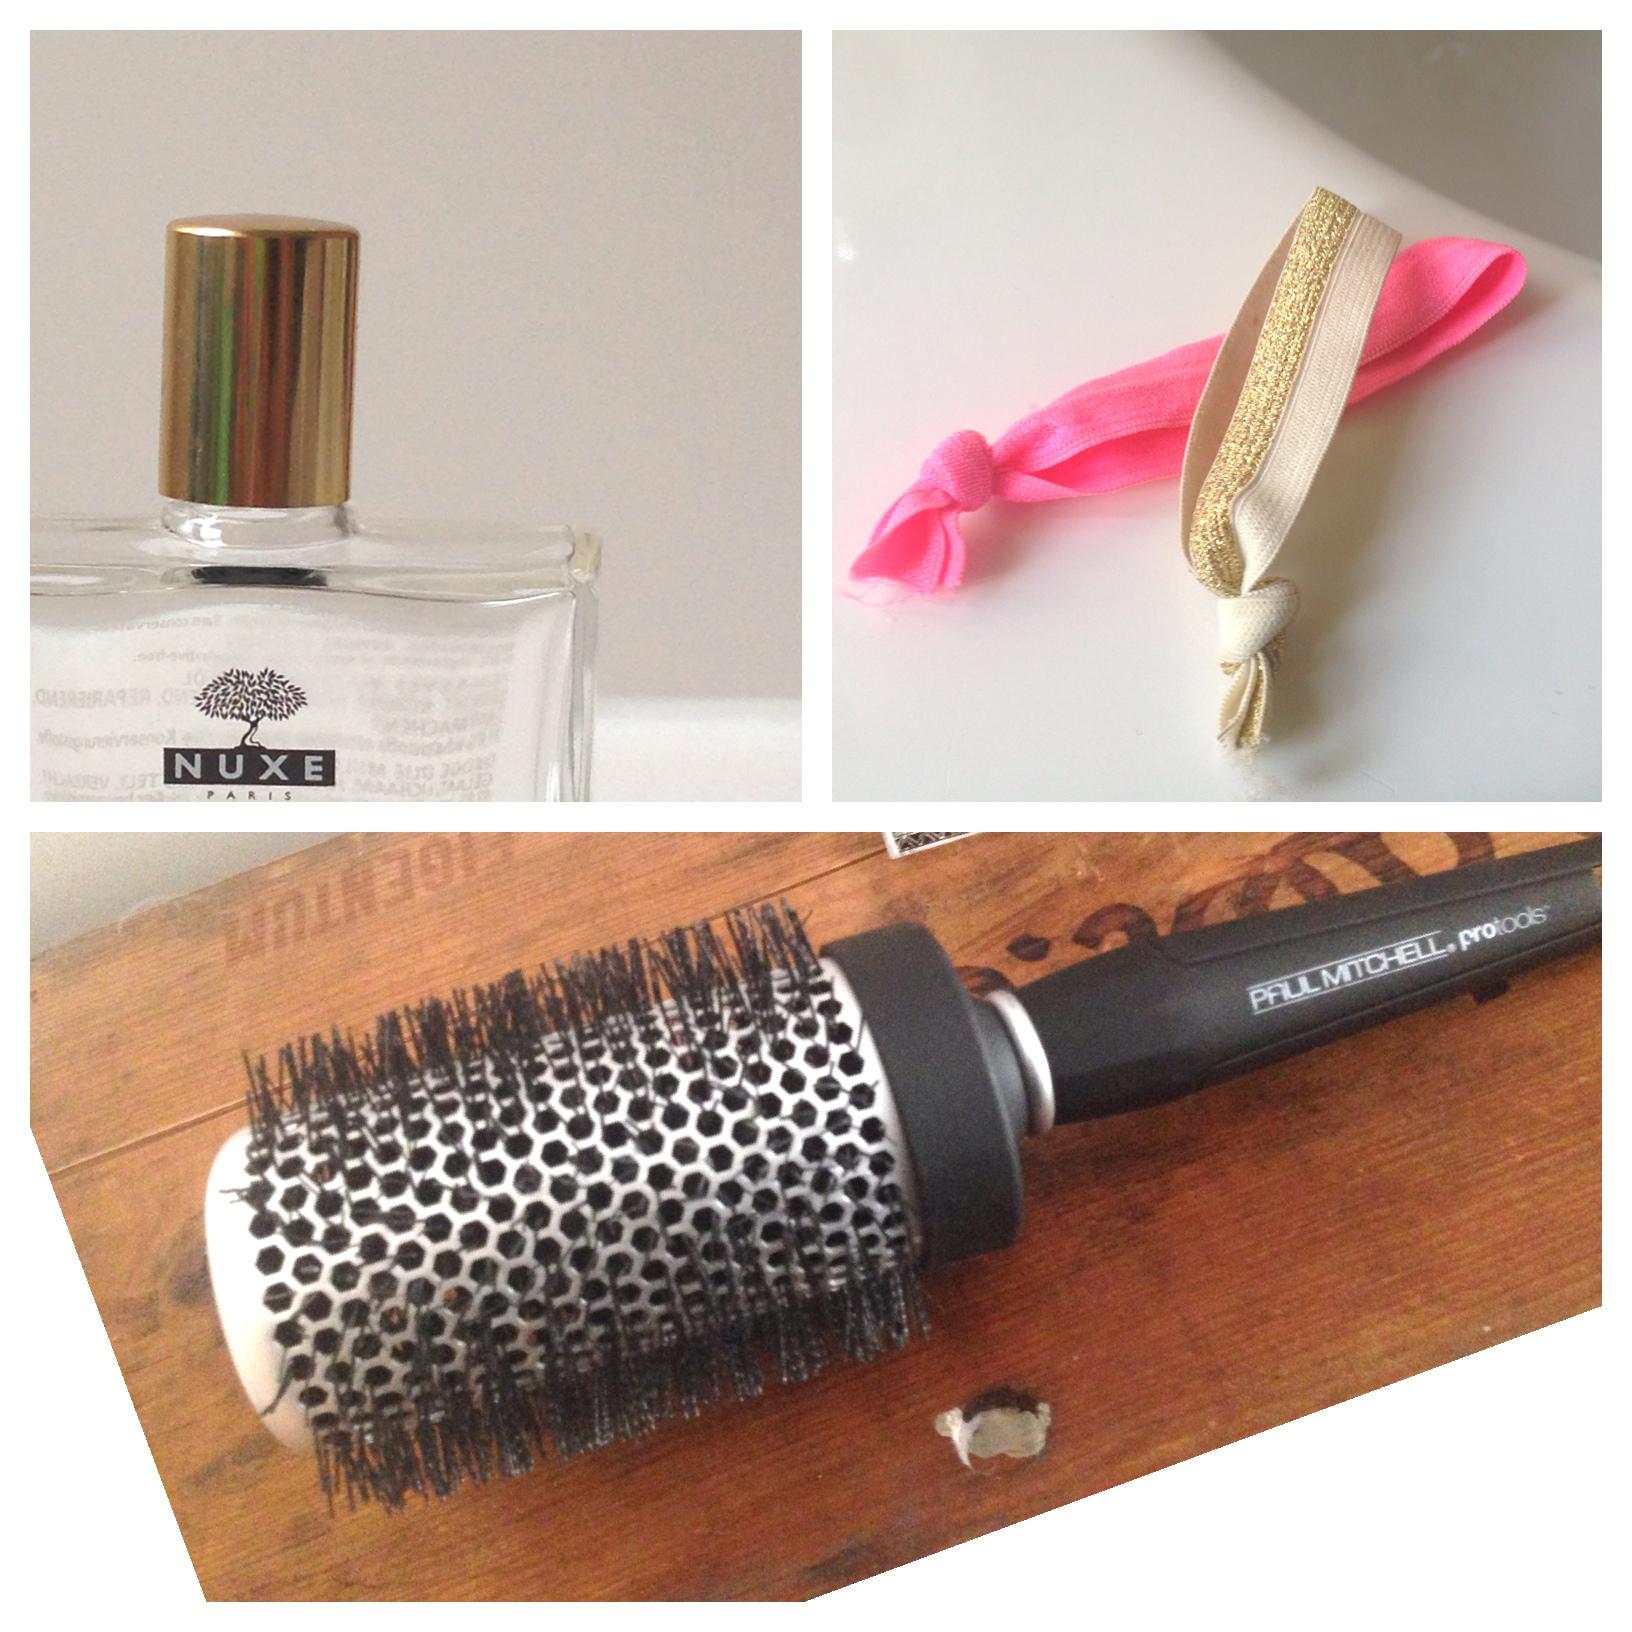 Nuxe Haaröl Scoopy Loop Haargummis mit Knoten Haarbürste ionisch Paul Mitchel